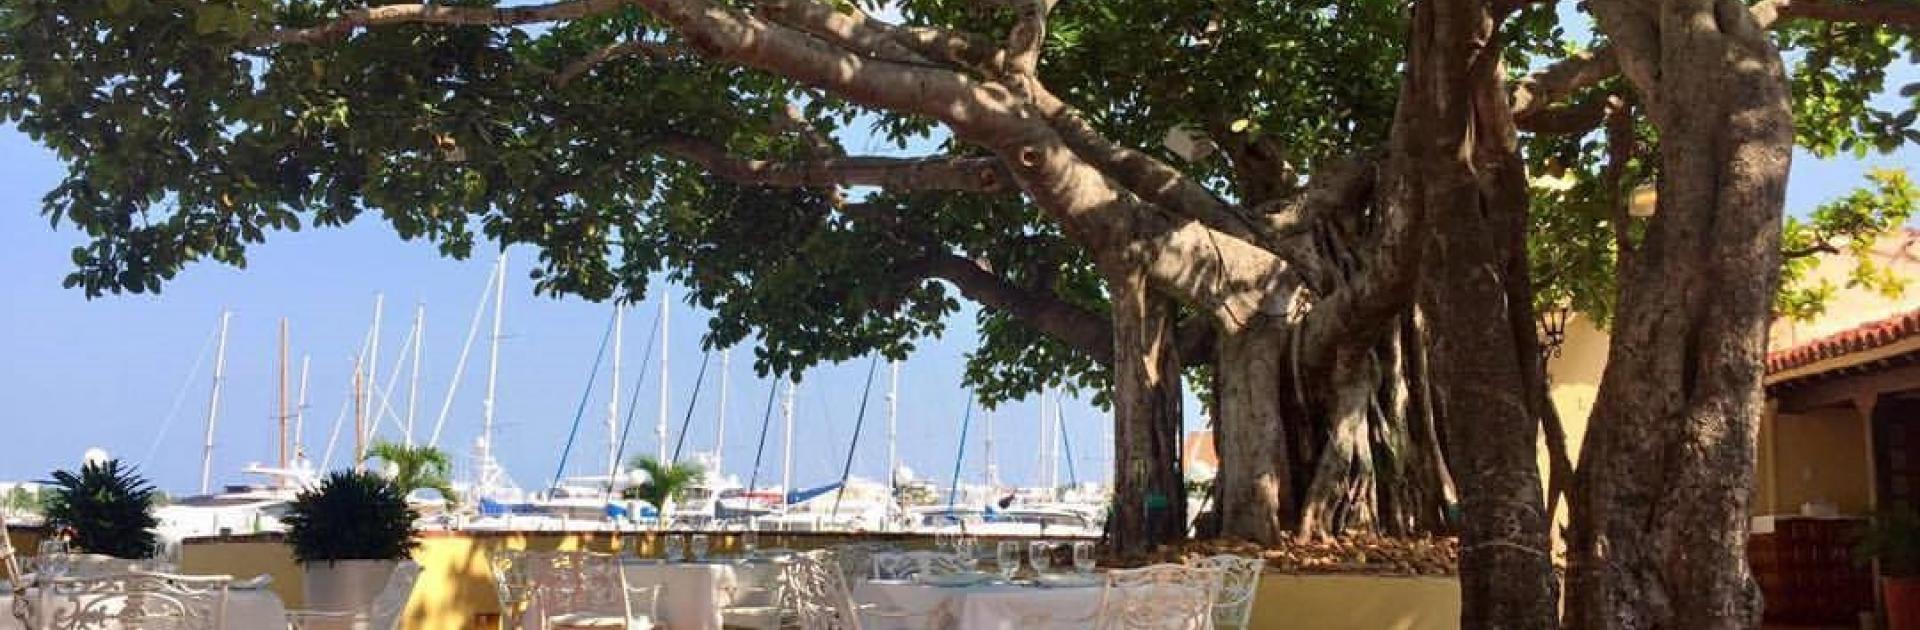 Restaurante Club de Pesca, participante de Dónde Restaurant Week 2019 en Cartagena